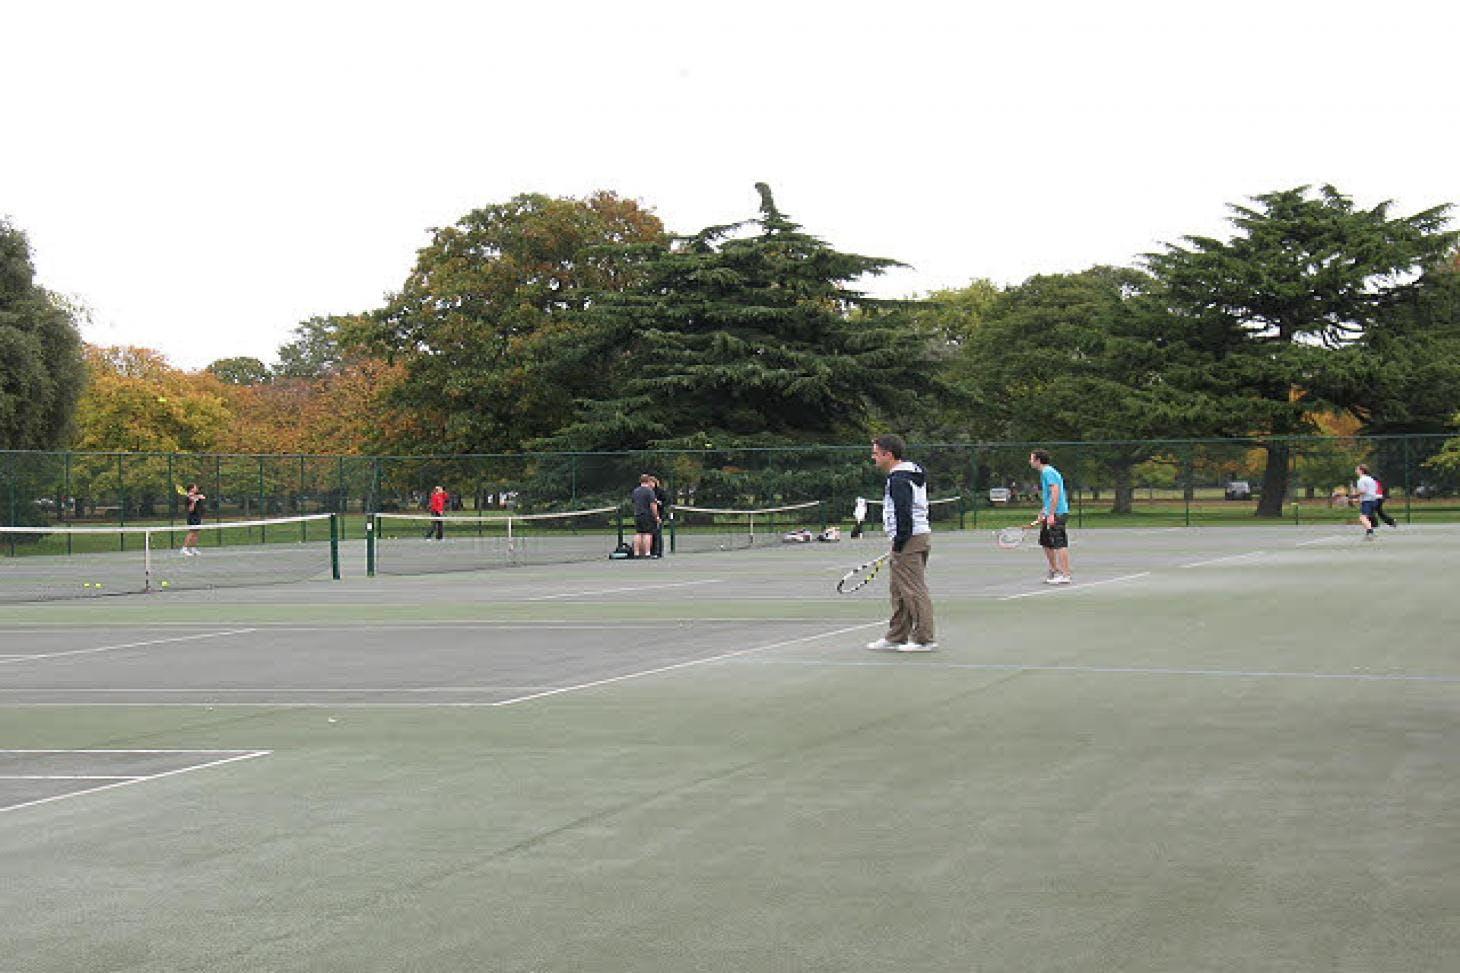 Blackheath Tennis Courts Outdoor | Hard (macadam) tennis court